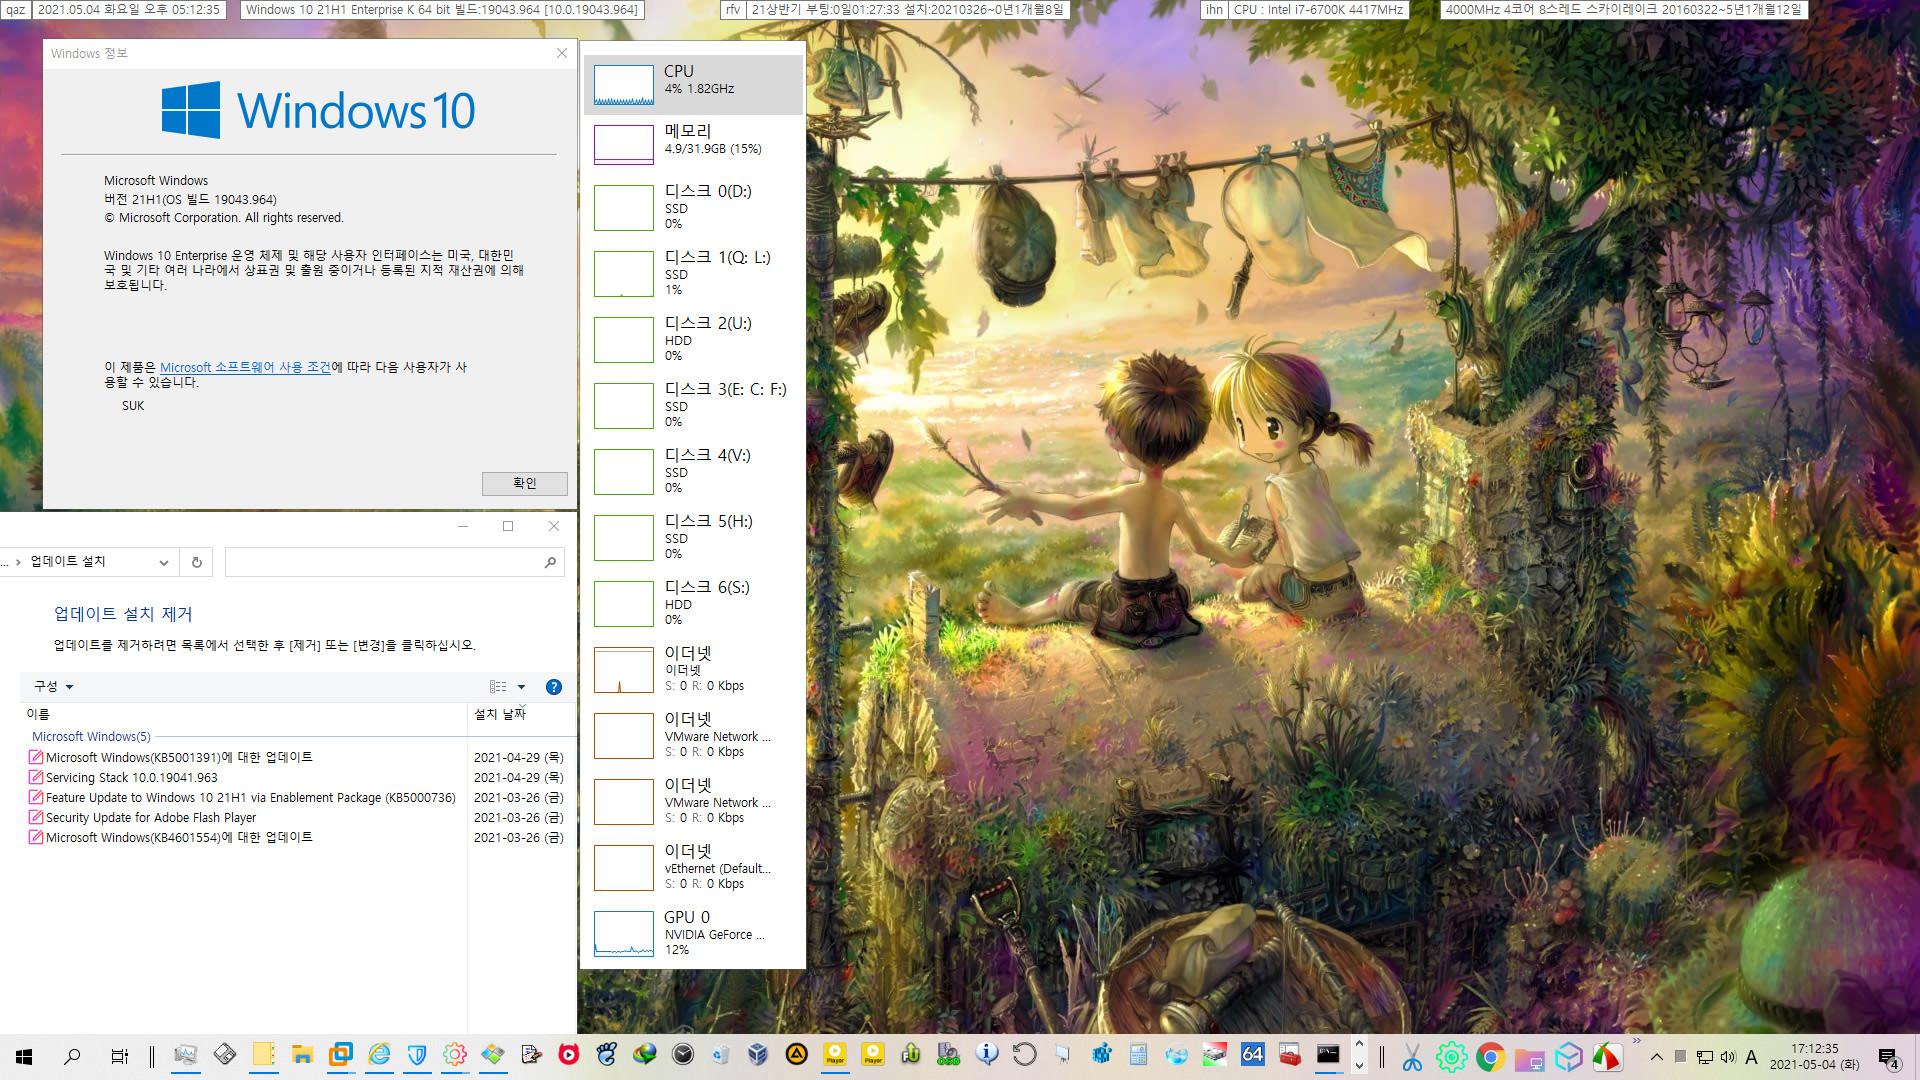 2021-04-29 목요일 선택적 업데이트 - Windows 10 버전 21H1 (OS 빌드 19043.964) - 공용 누적 업데이트 KB5001391 - 실컴에 설치 -  6일째 문제 없습니다 2021-05-04_171235.jpg